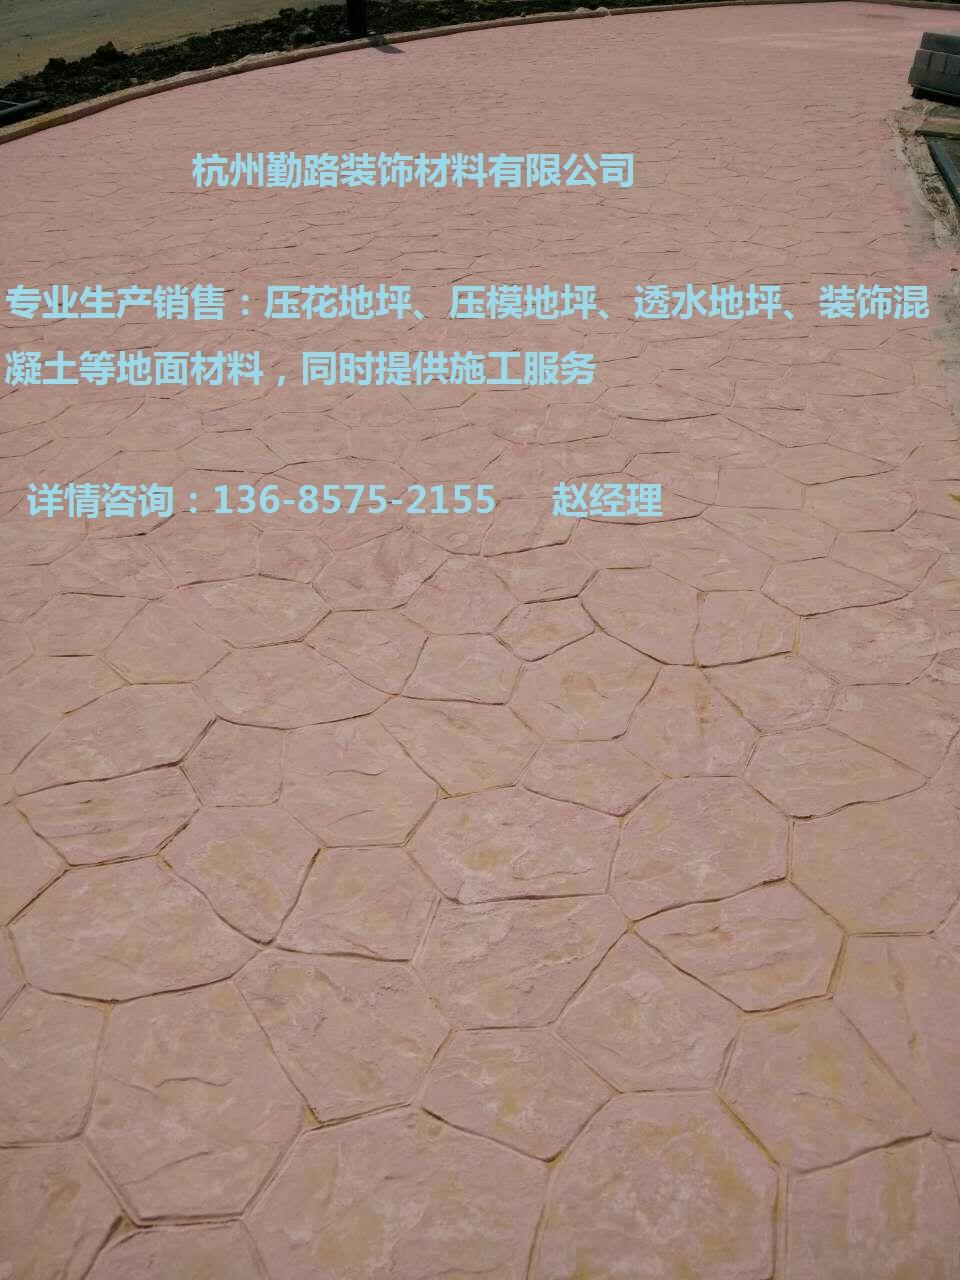 广东清远人行道压膜混凝土地坪怎么做?哪里有?价格是多少?-混凝图片